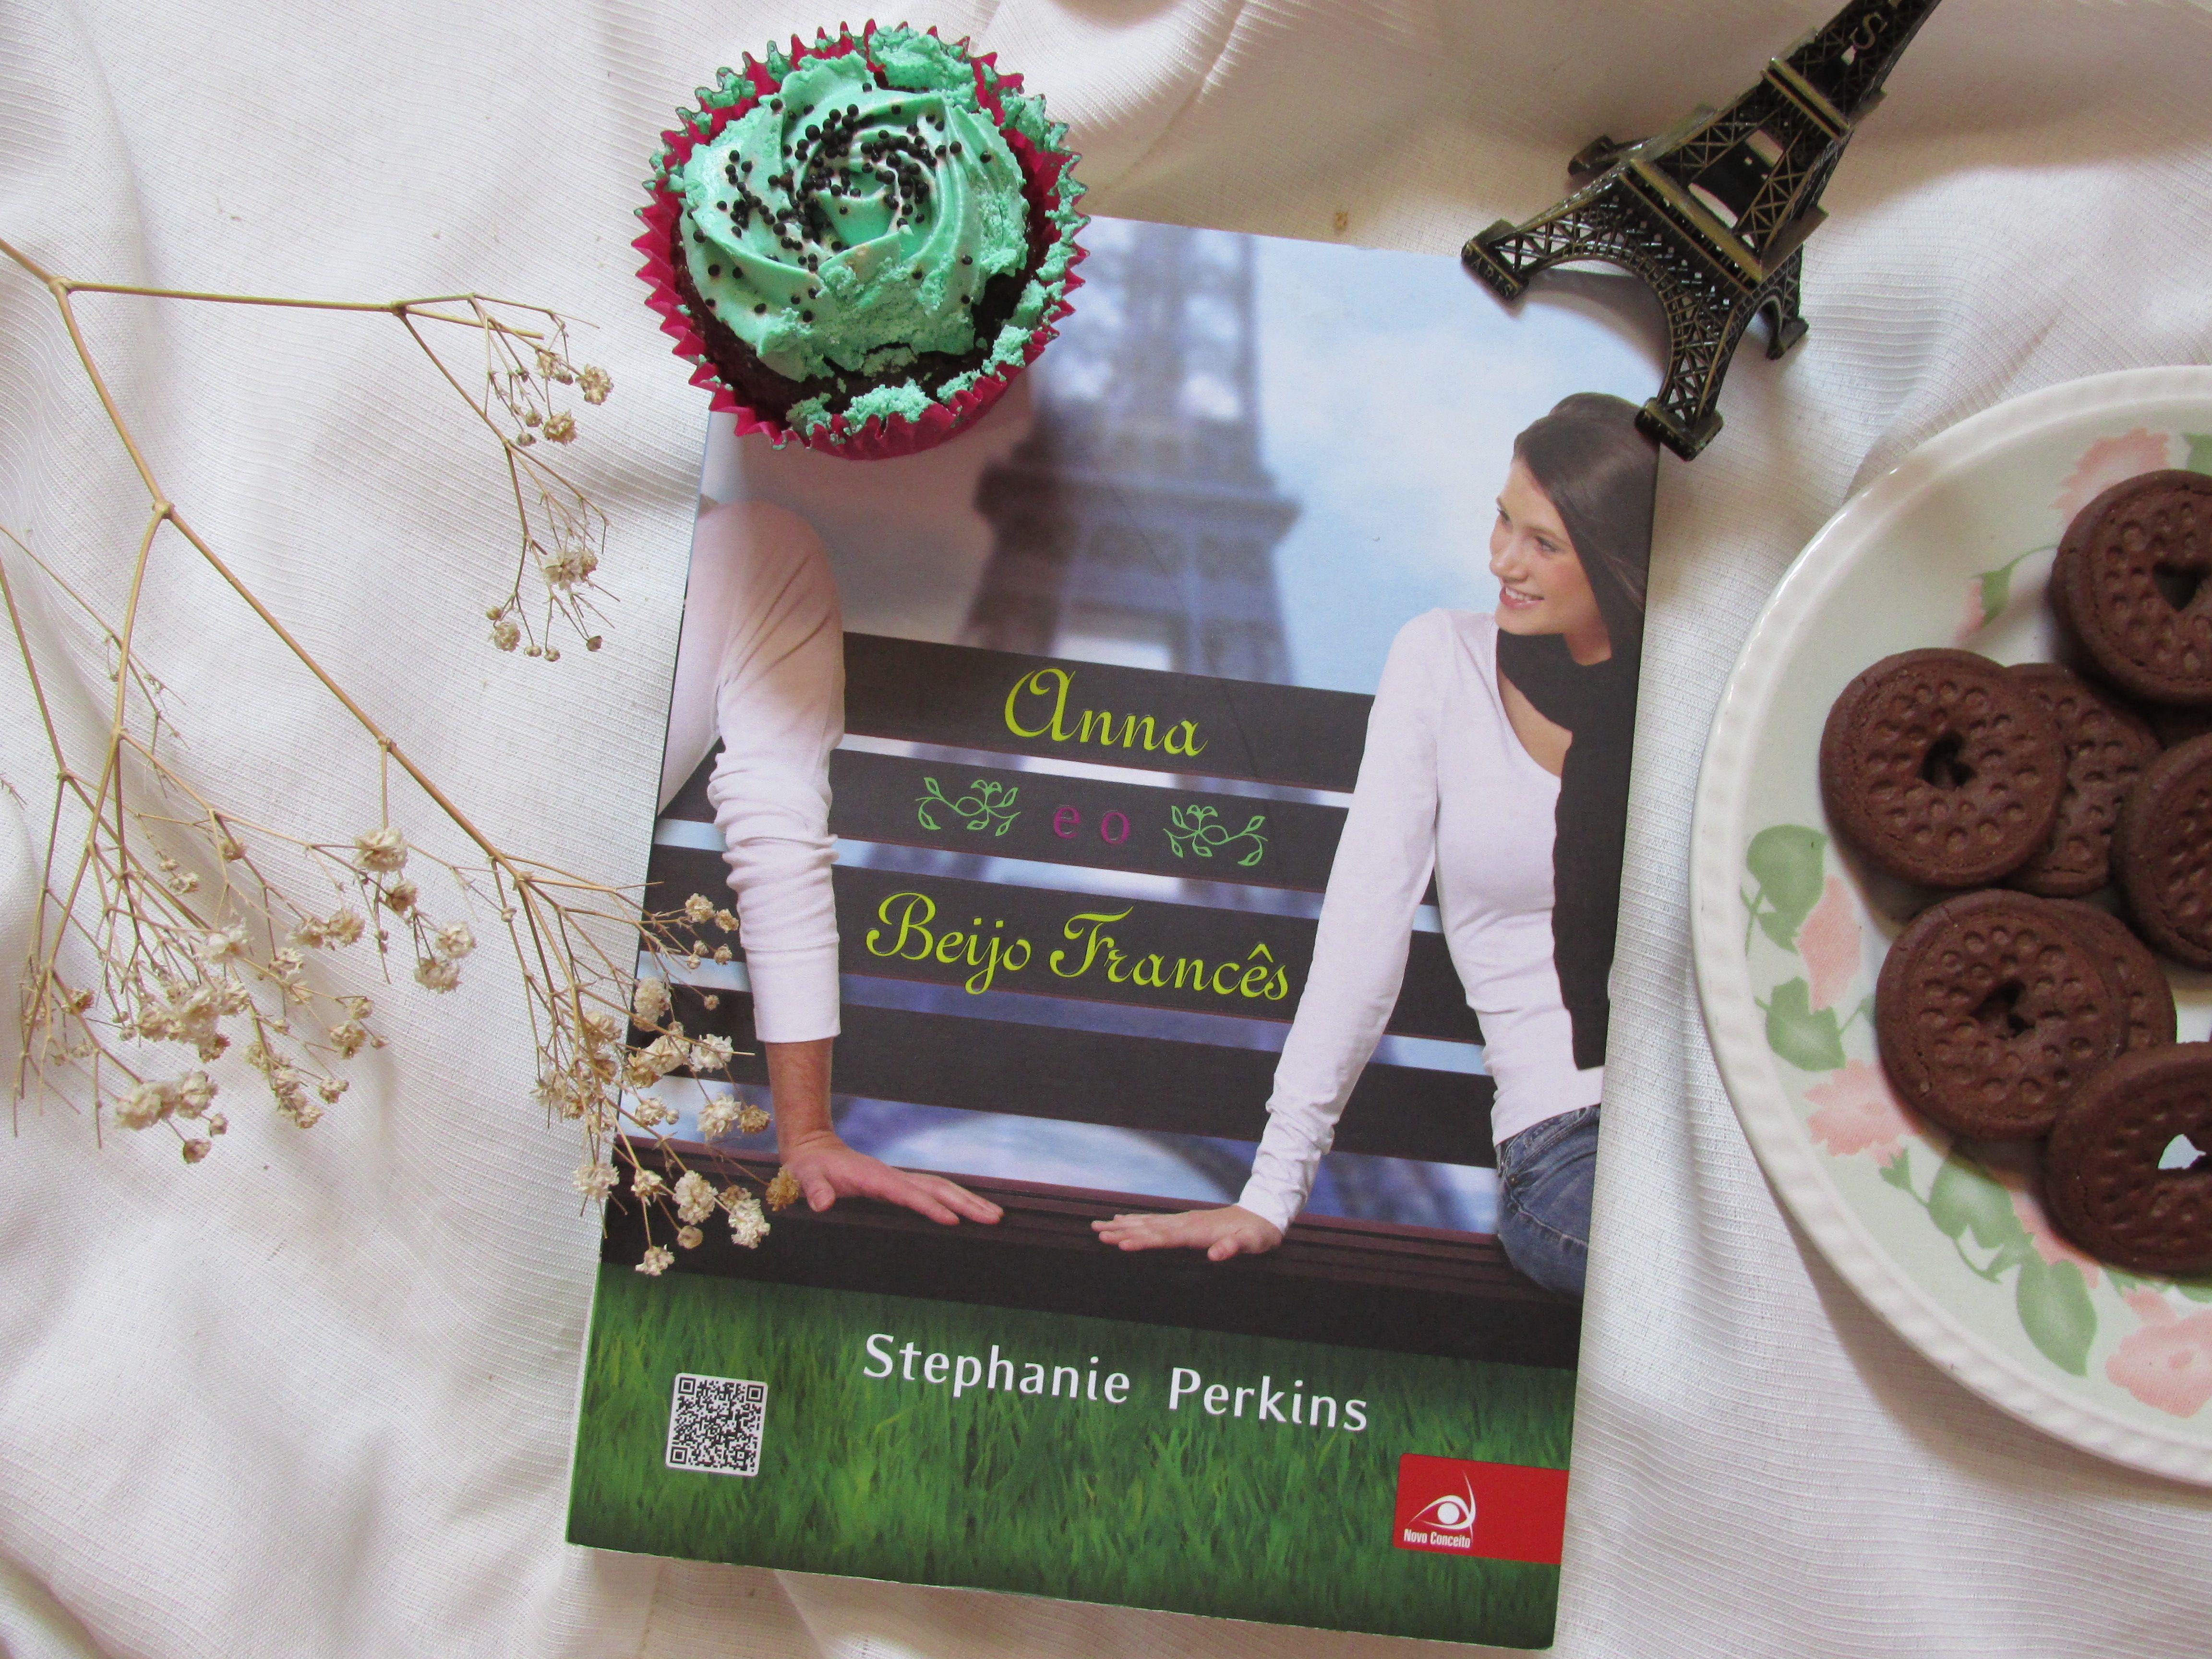 Anna e o beijo Francês (Stephanie Perkins) <3 Fiz uma resenha desse livro lá no blog, com várias fotos como essa :). https://corujasnaprateleira.wordpress.com/2015/11/14/anna-e-o-beijo-frances-stephanie-perkins/